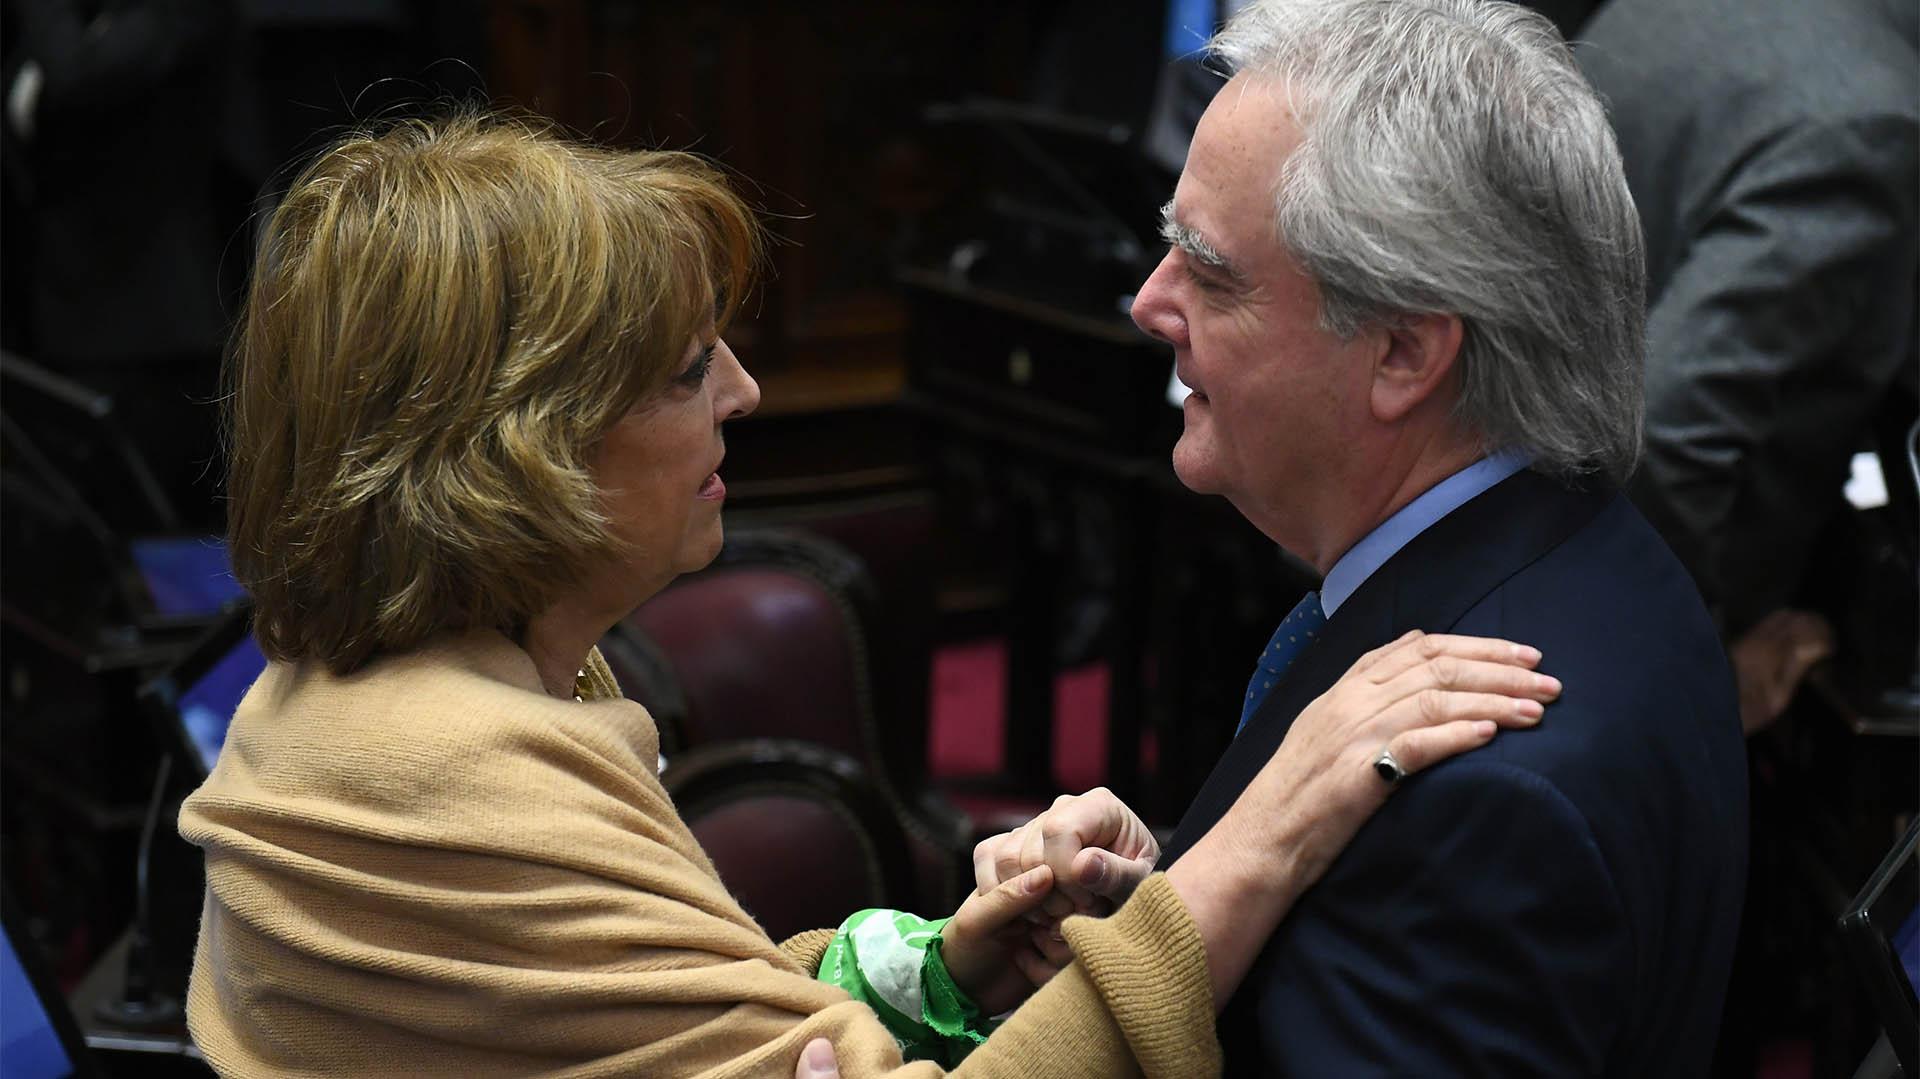 La senadora peronista Norma Durango y el senador del PRO Federico Pinedo